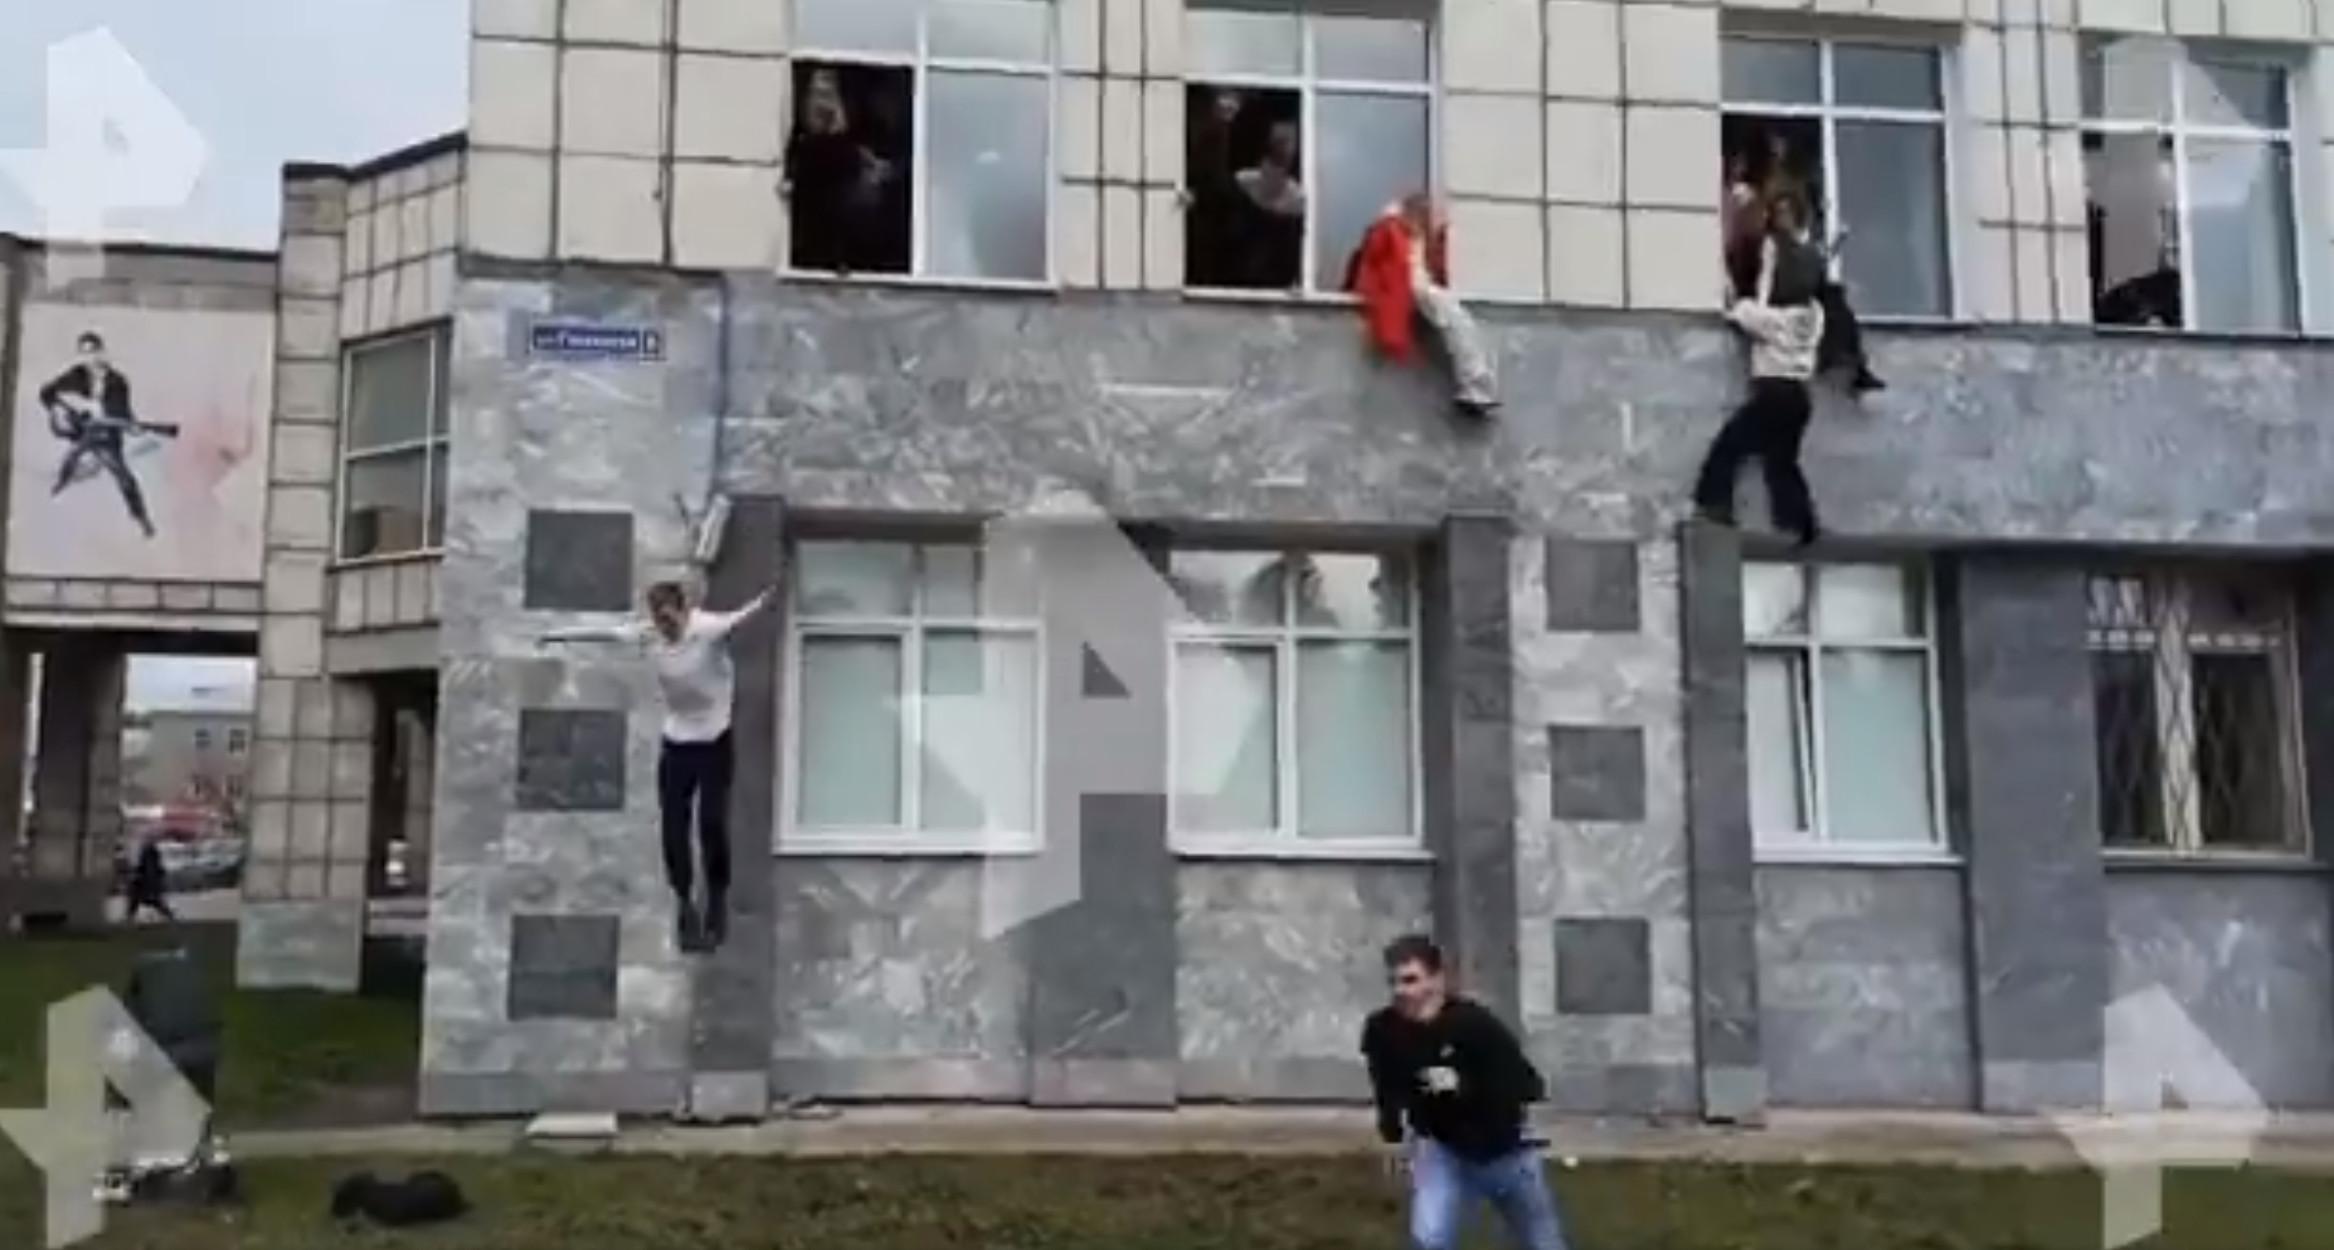 Ρωσία: Πυροβολισμοί σε πανεπιστήμιο στην Σιβηρία! Πέντε νεκροί